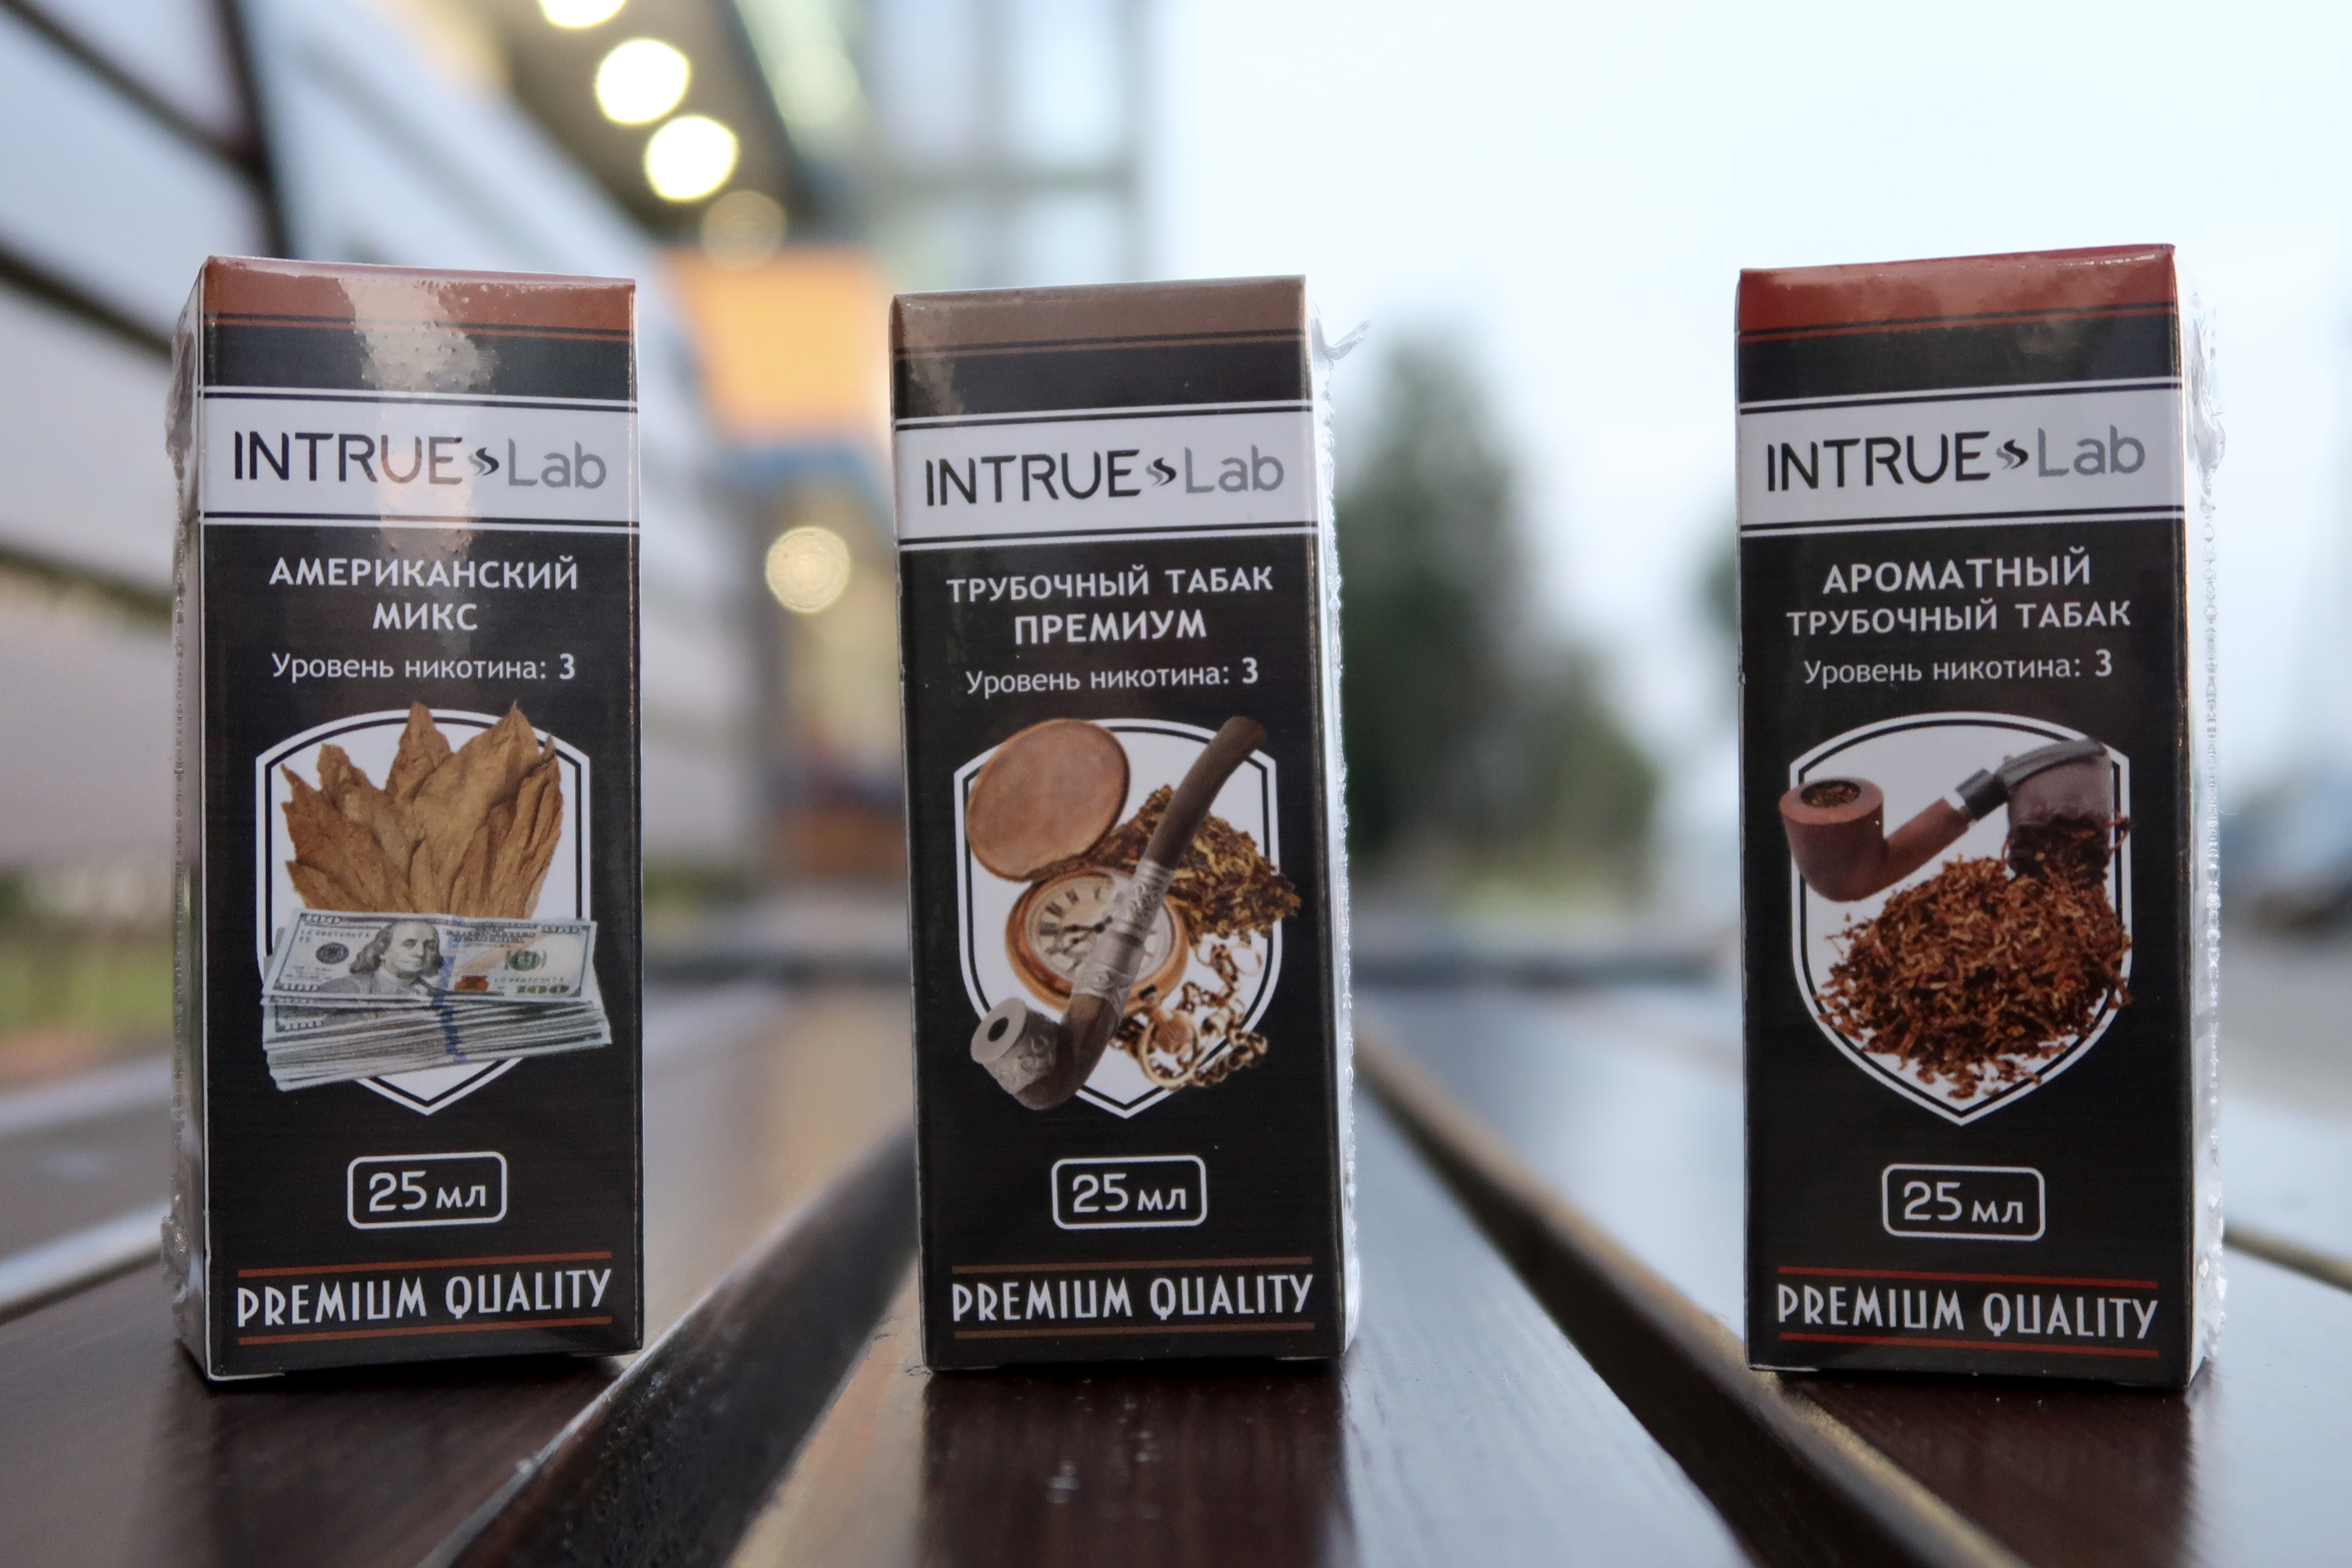 Жидкости для электронных сигарет intrue lab купить купить арабские сигареты в москве в розницу